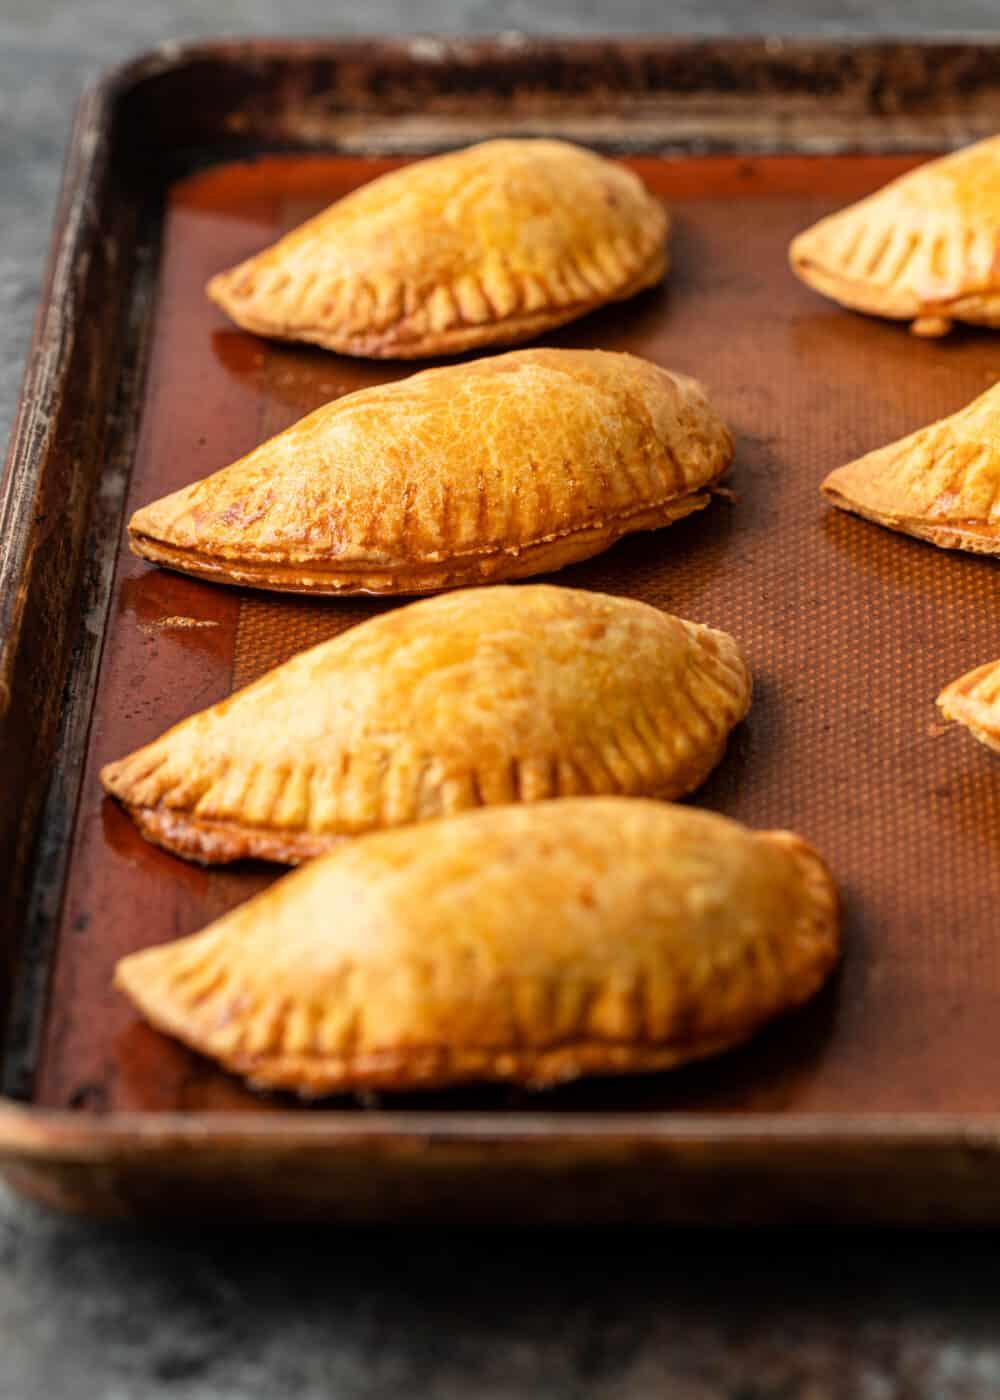 baked empanadas on baking sheet